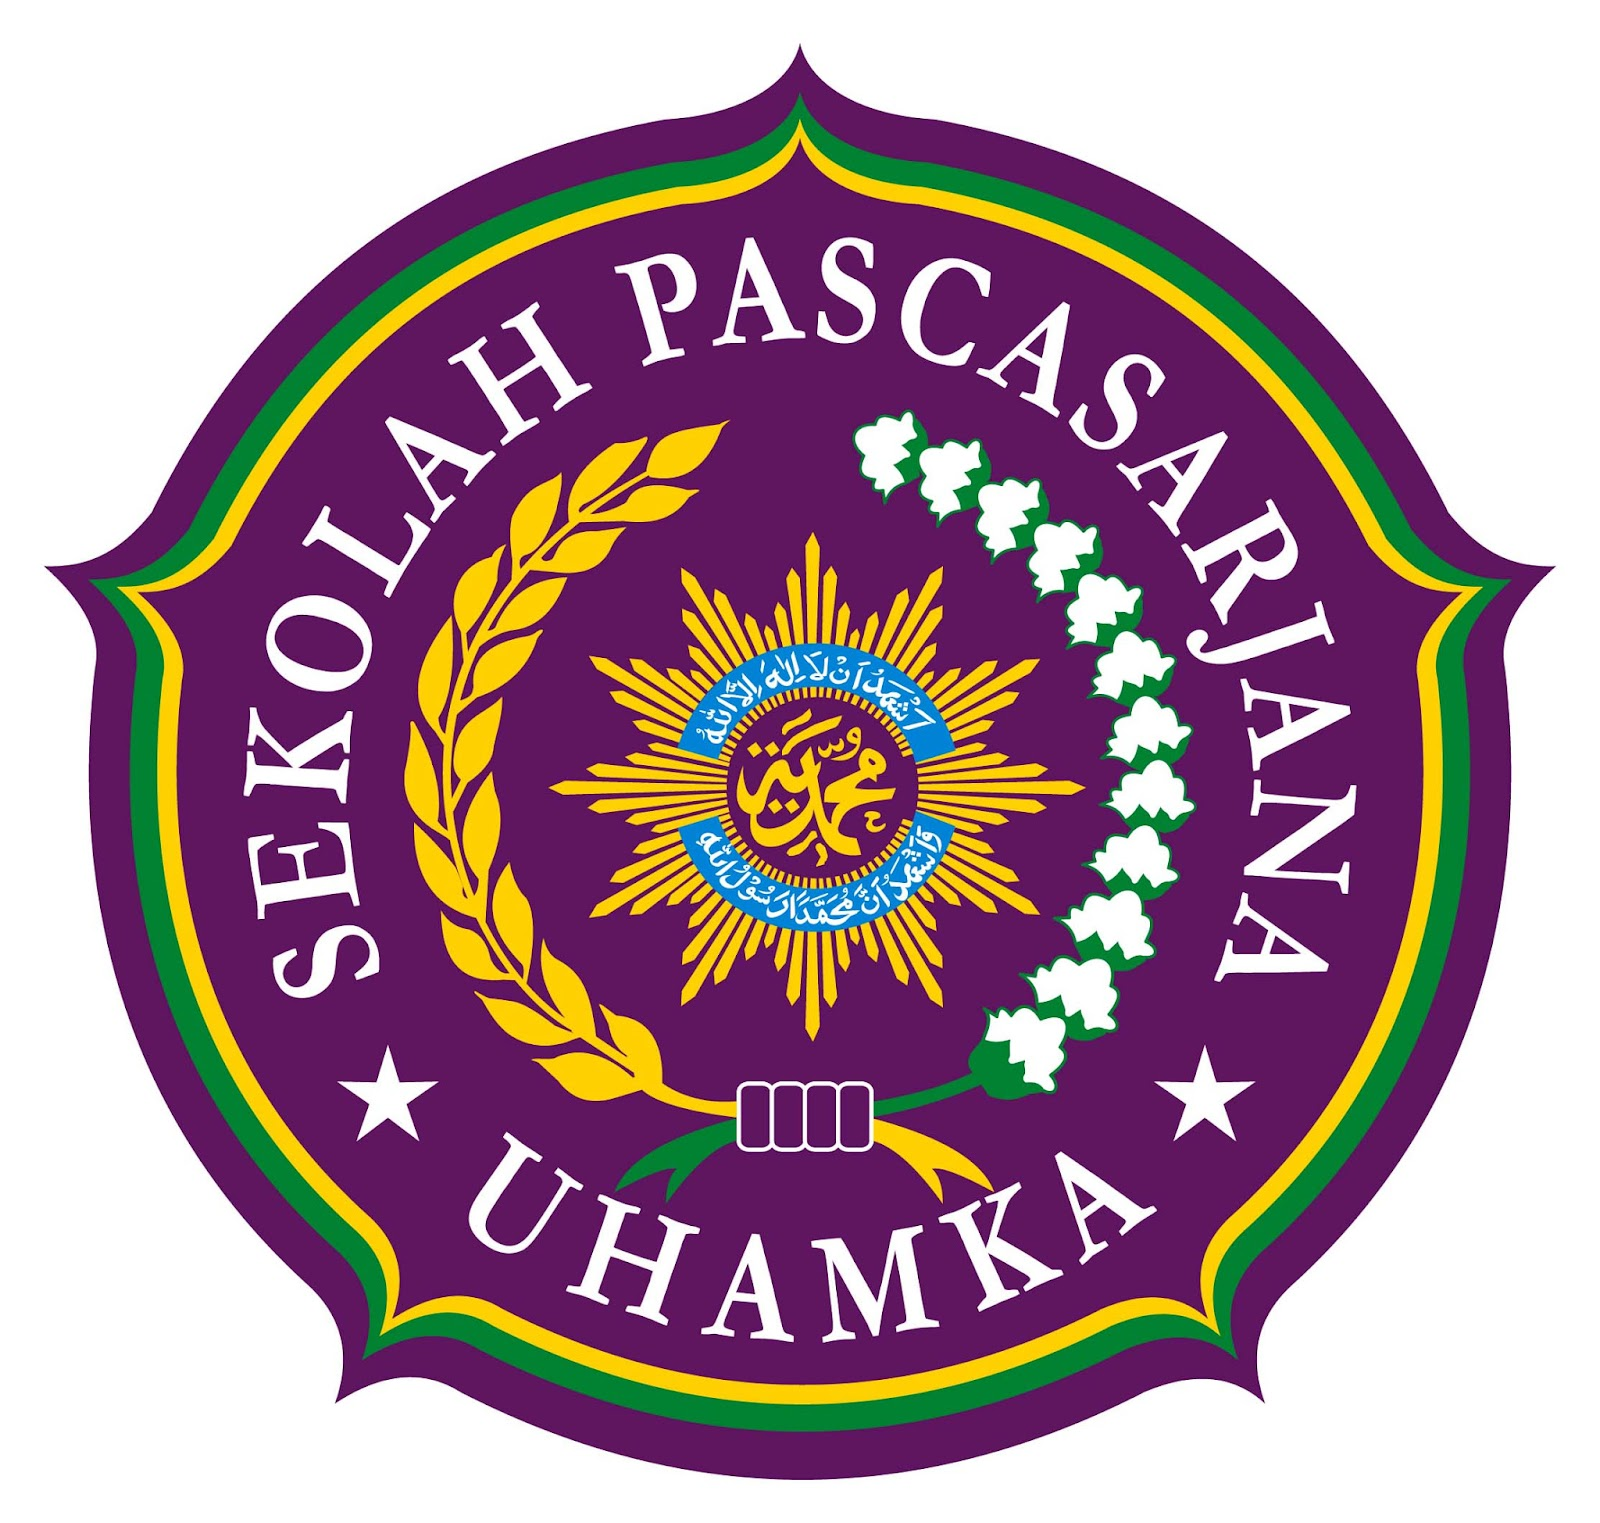 ghaniya publisher: Logo Sekolah Pascasarjana UHAMKA